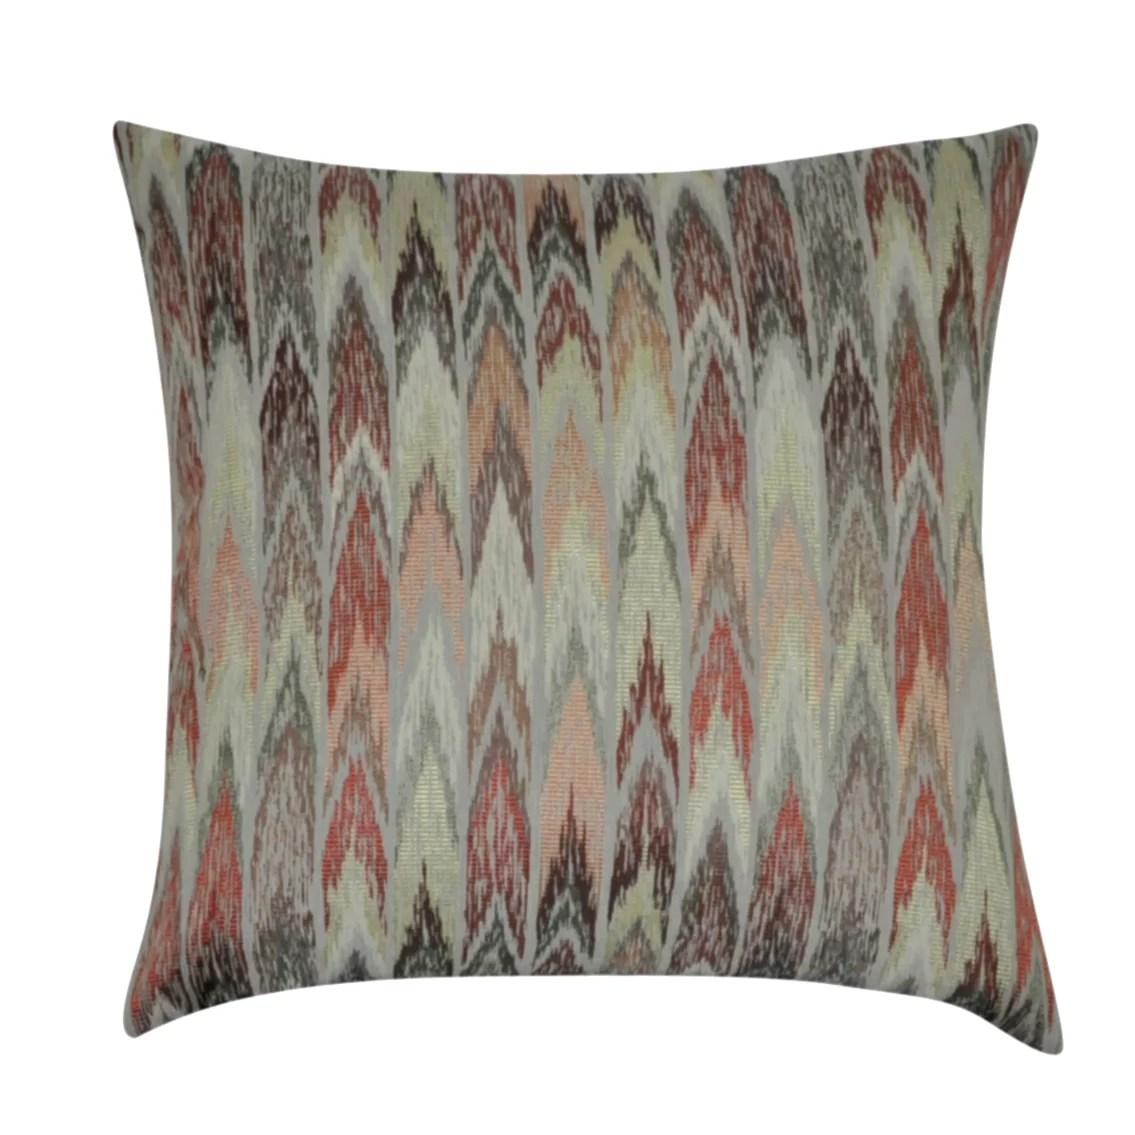 Ikat Decorative Throw Pillow Wayfair